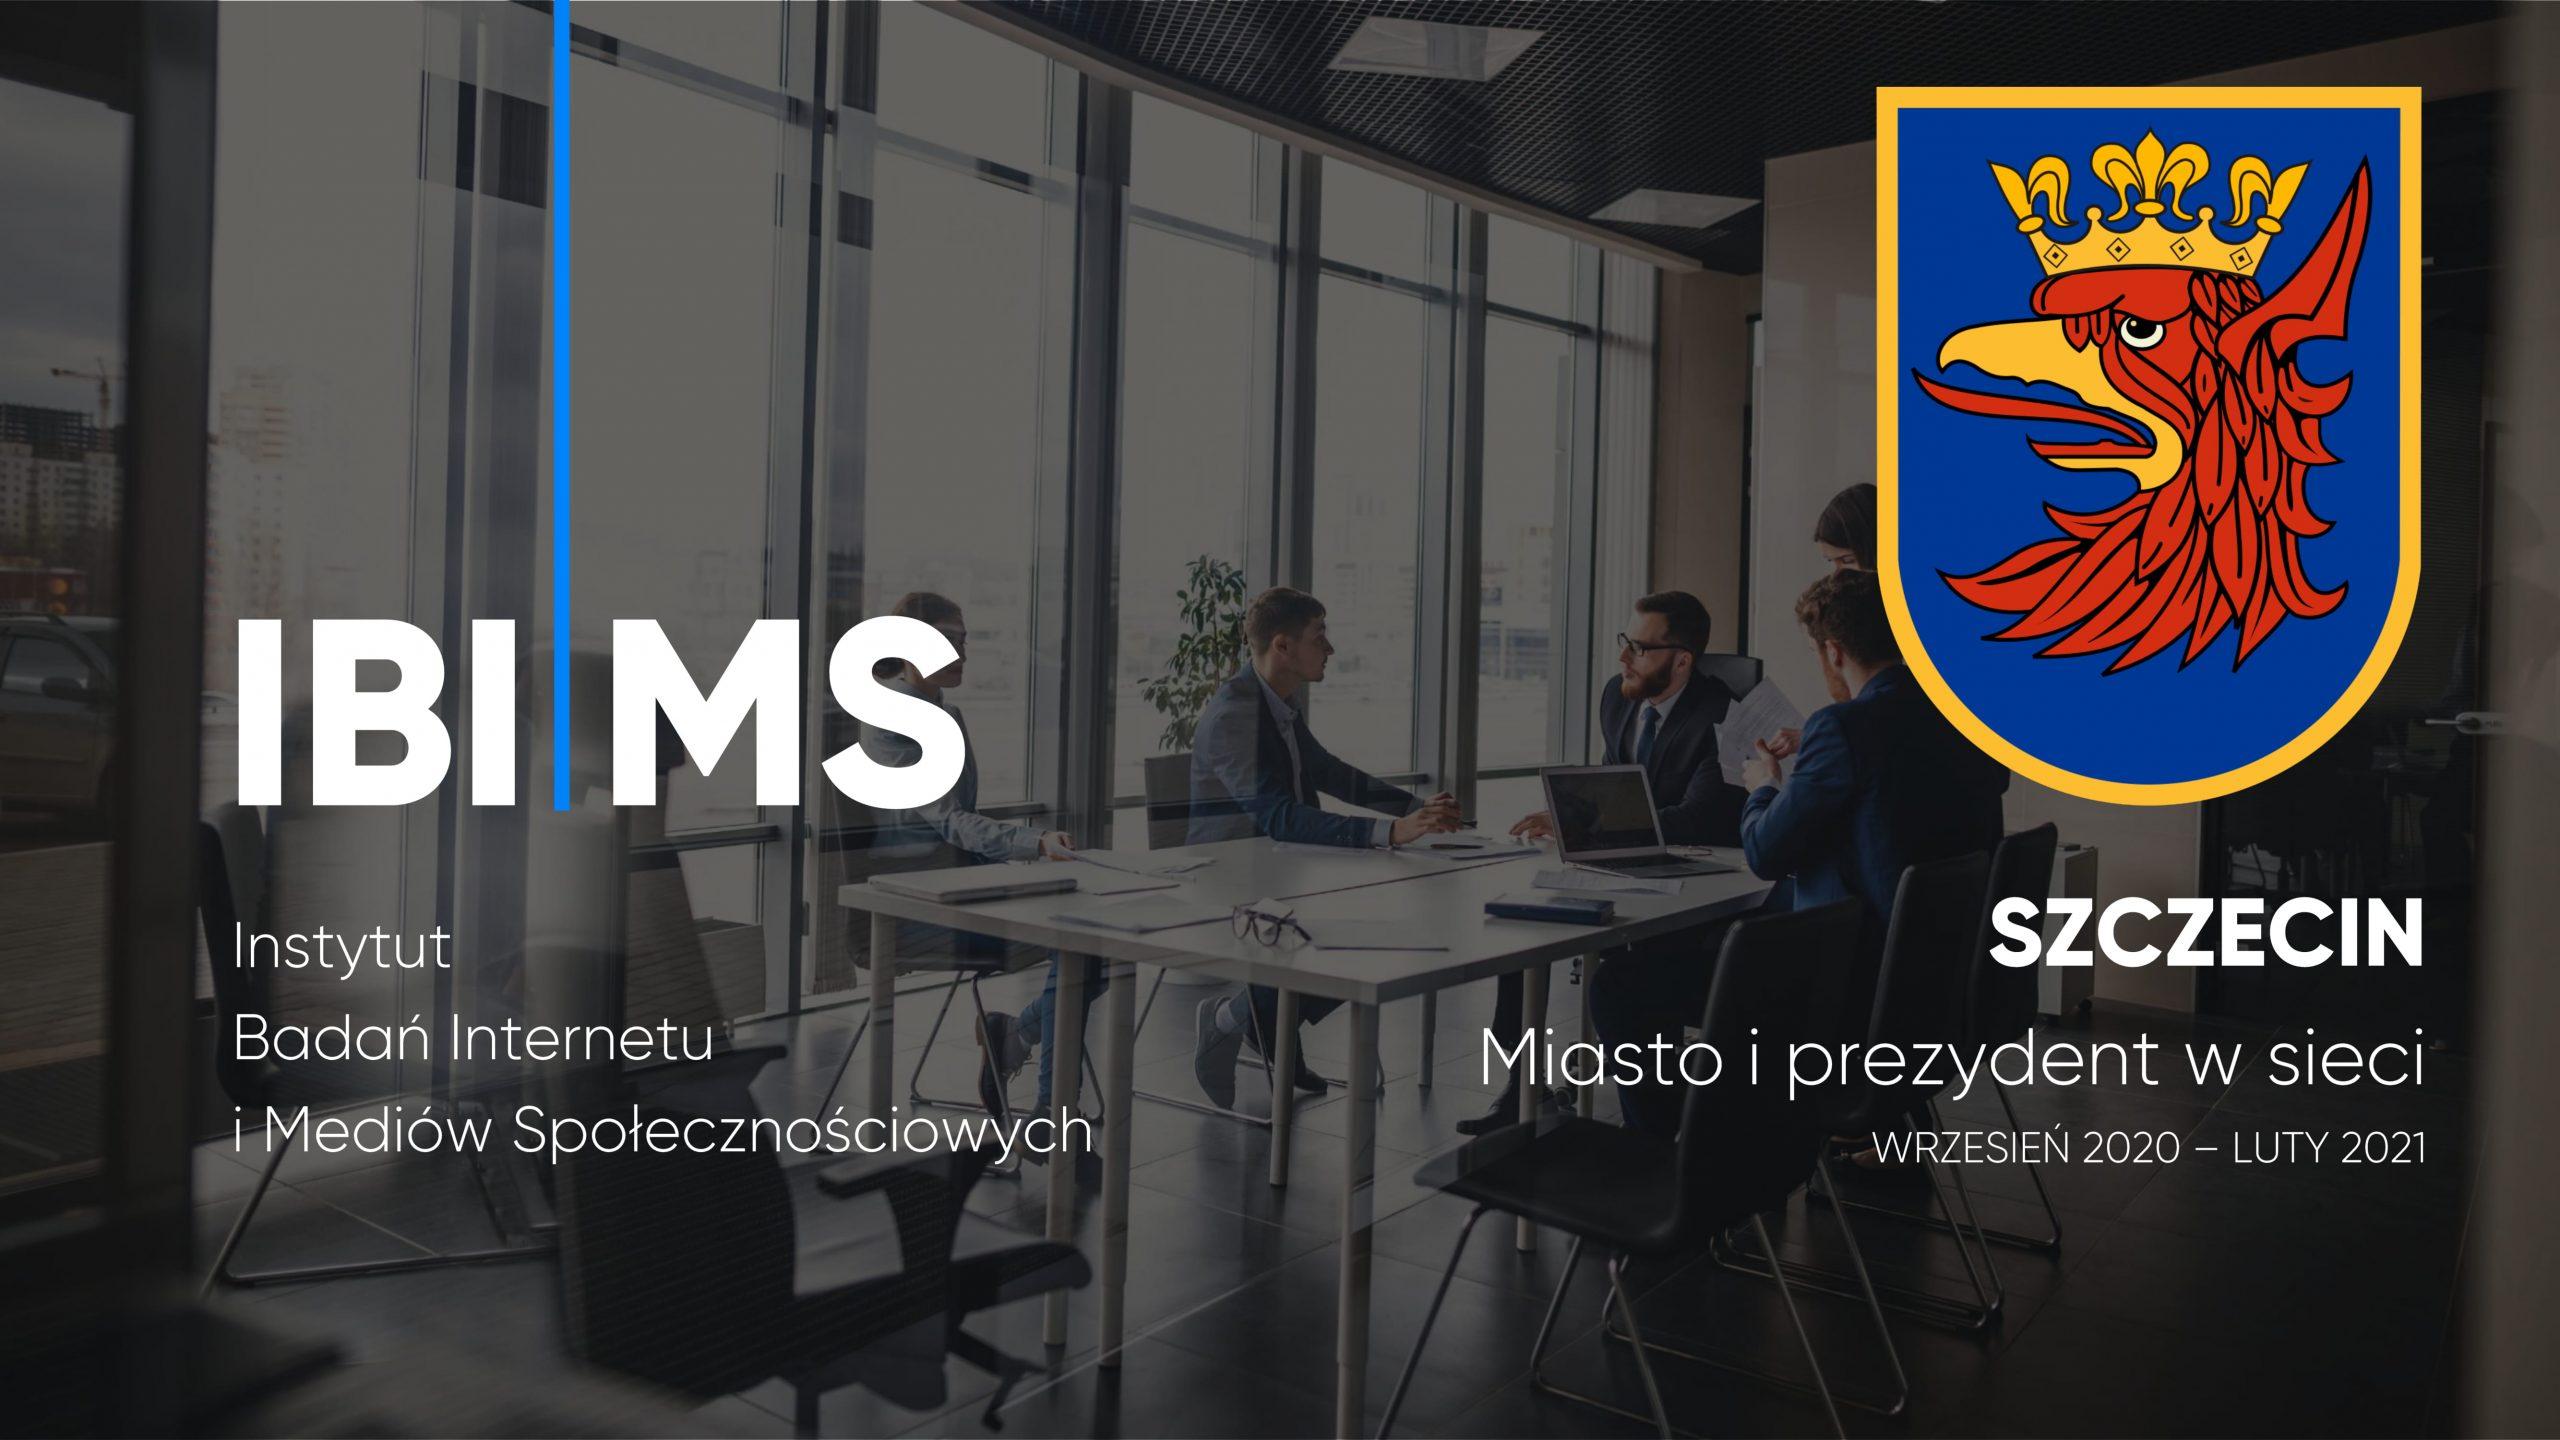 Szczecin i Prezydent Szczecina w internecie – raport IBIMS